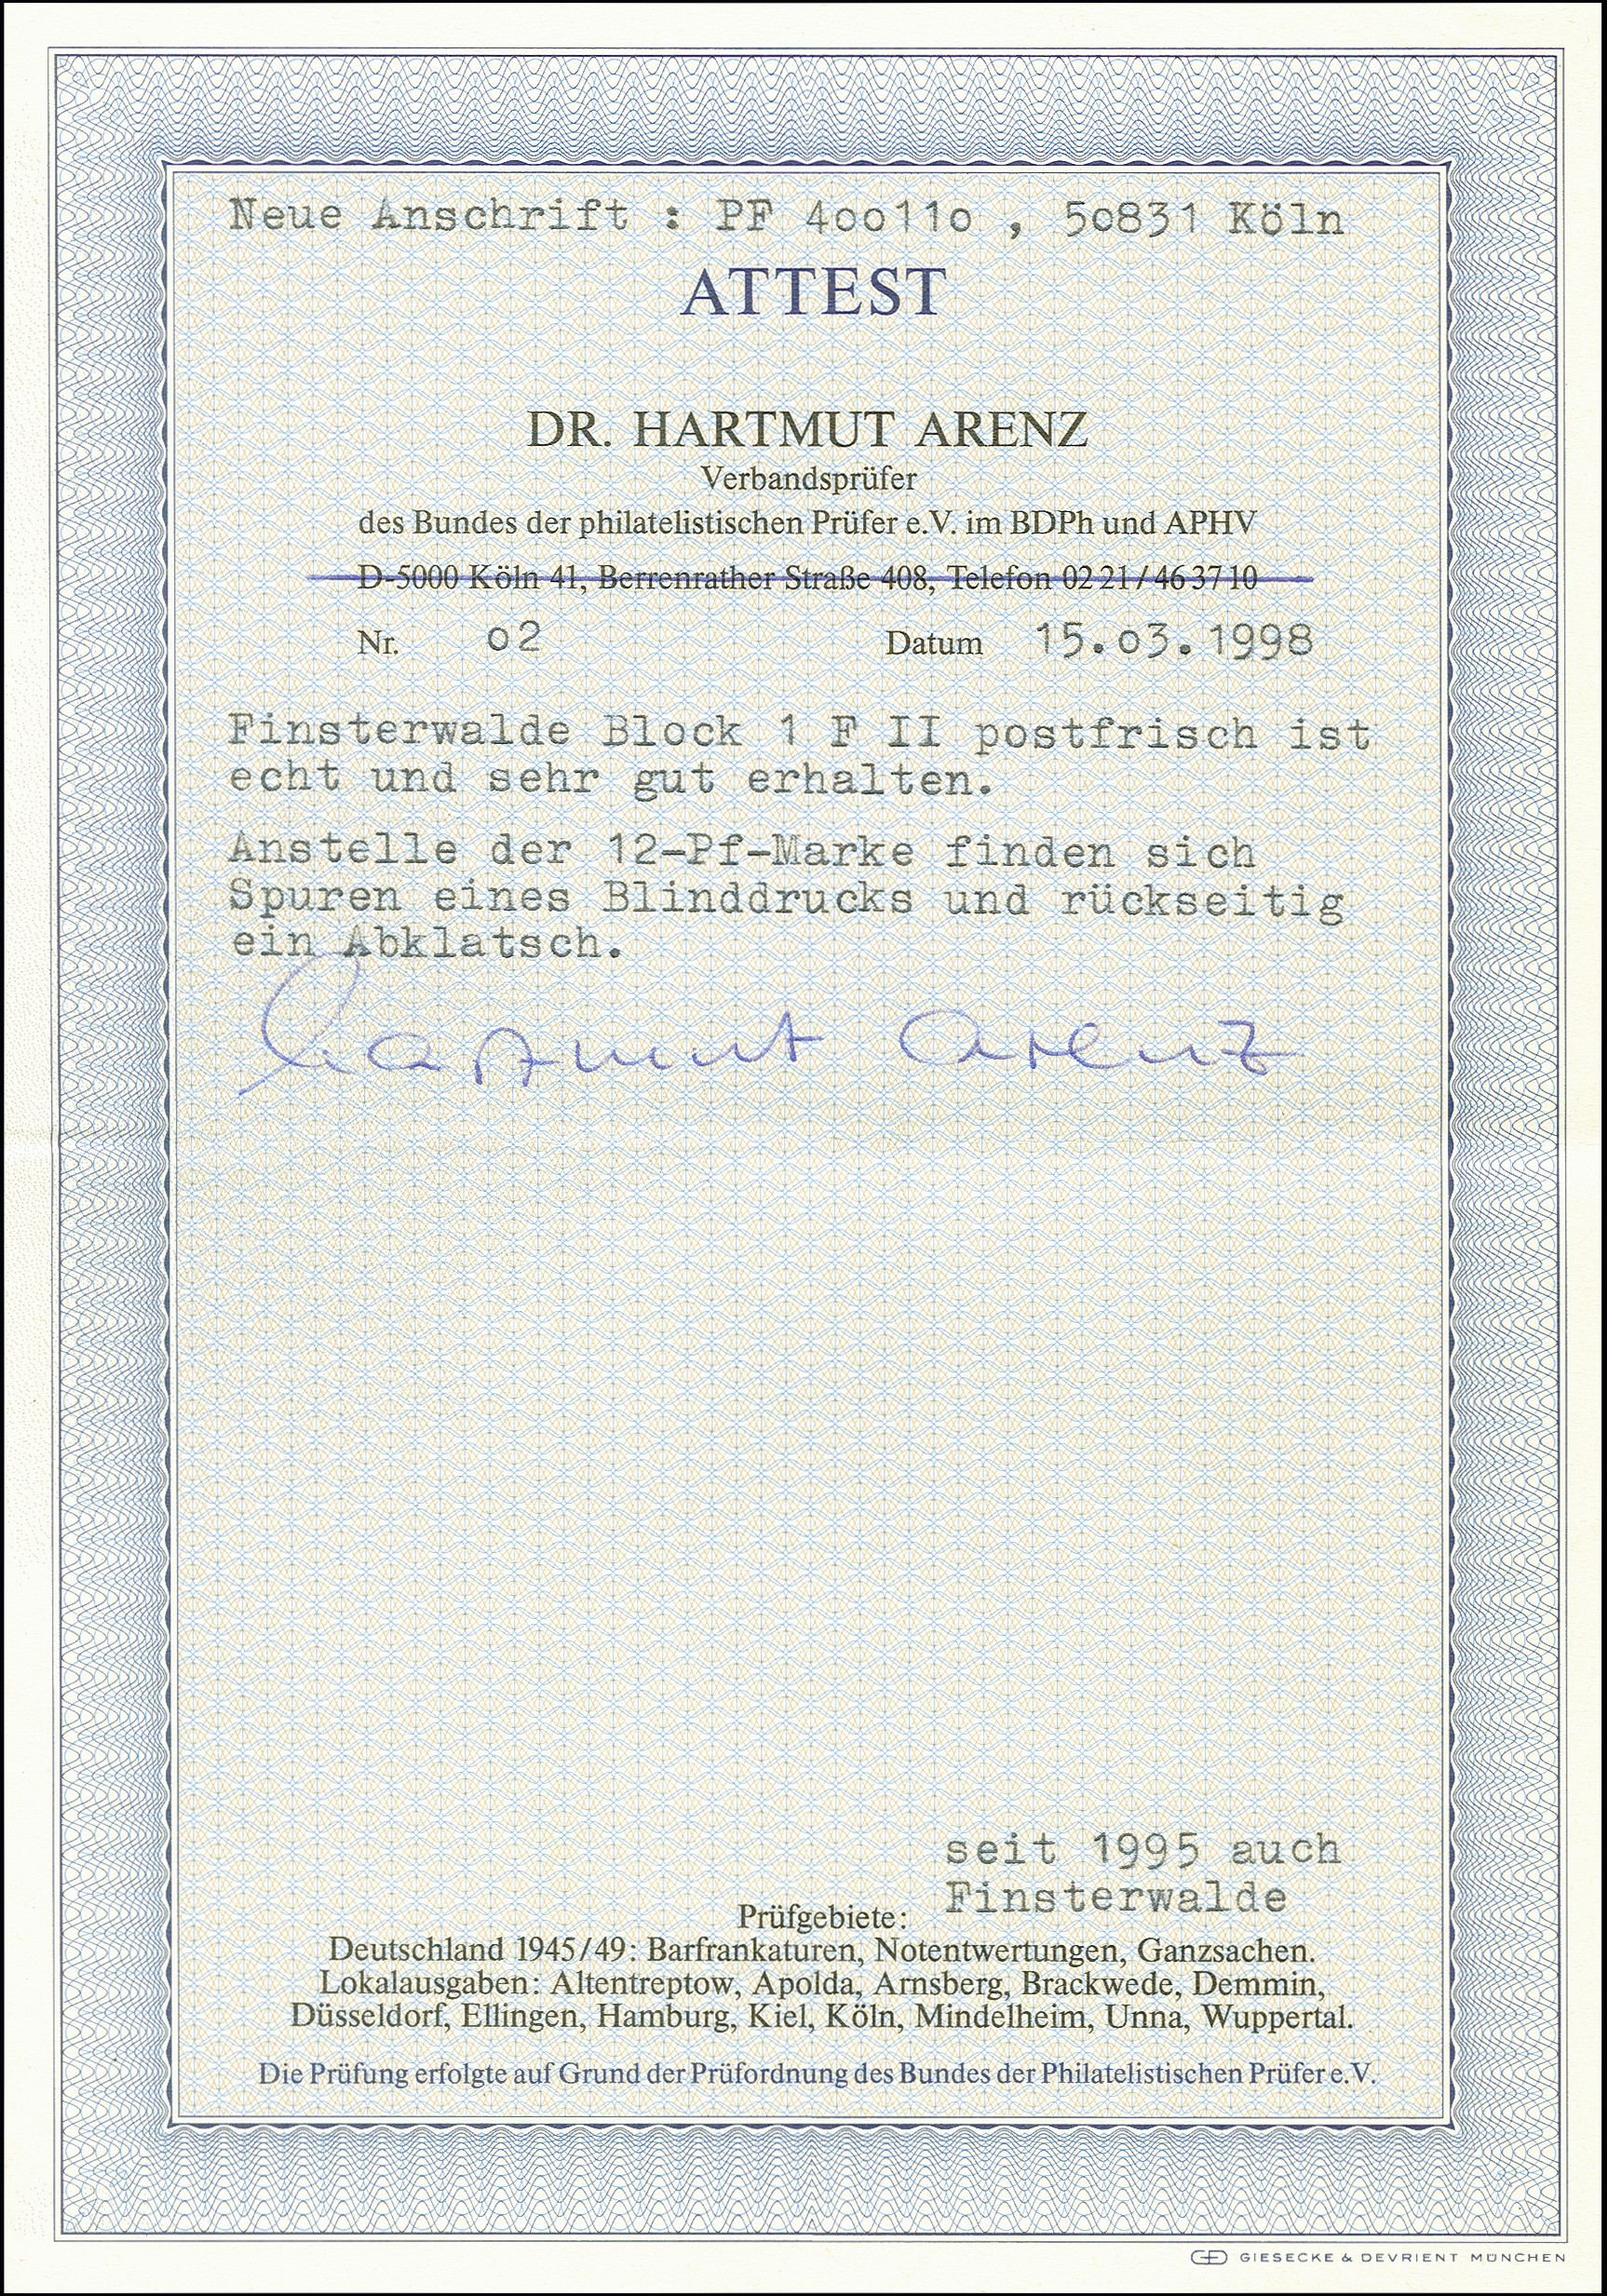 Lot 3467 - deutsche lokalausgaben ab 1945 finsterwalde -  Heinrich Koehler Auktionen 375rd Heinrich Köhler auction - Day 3